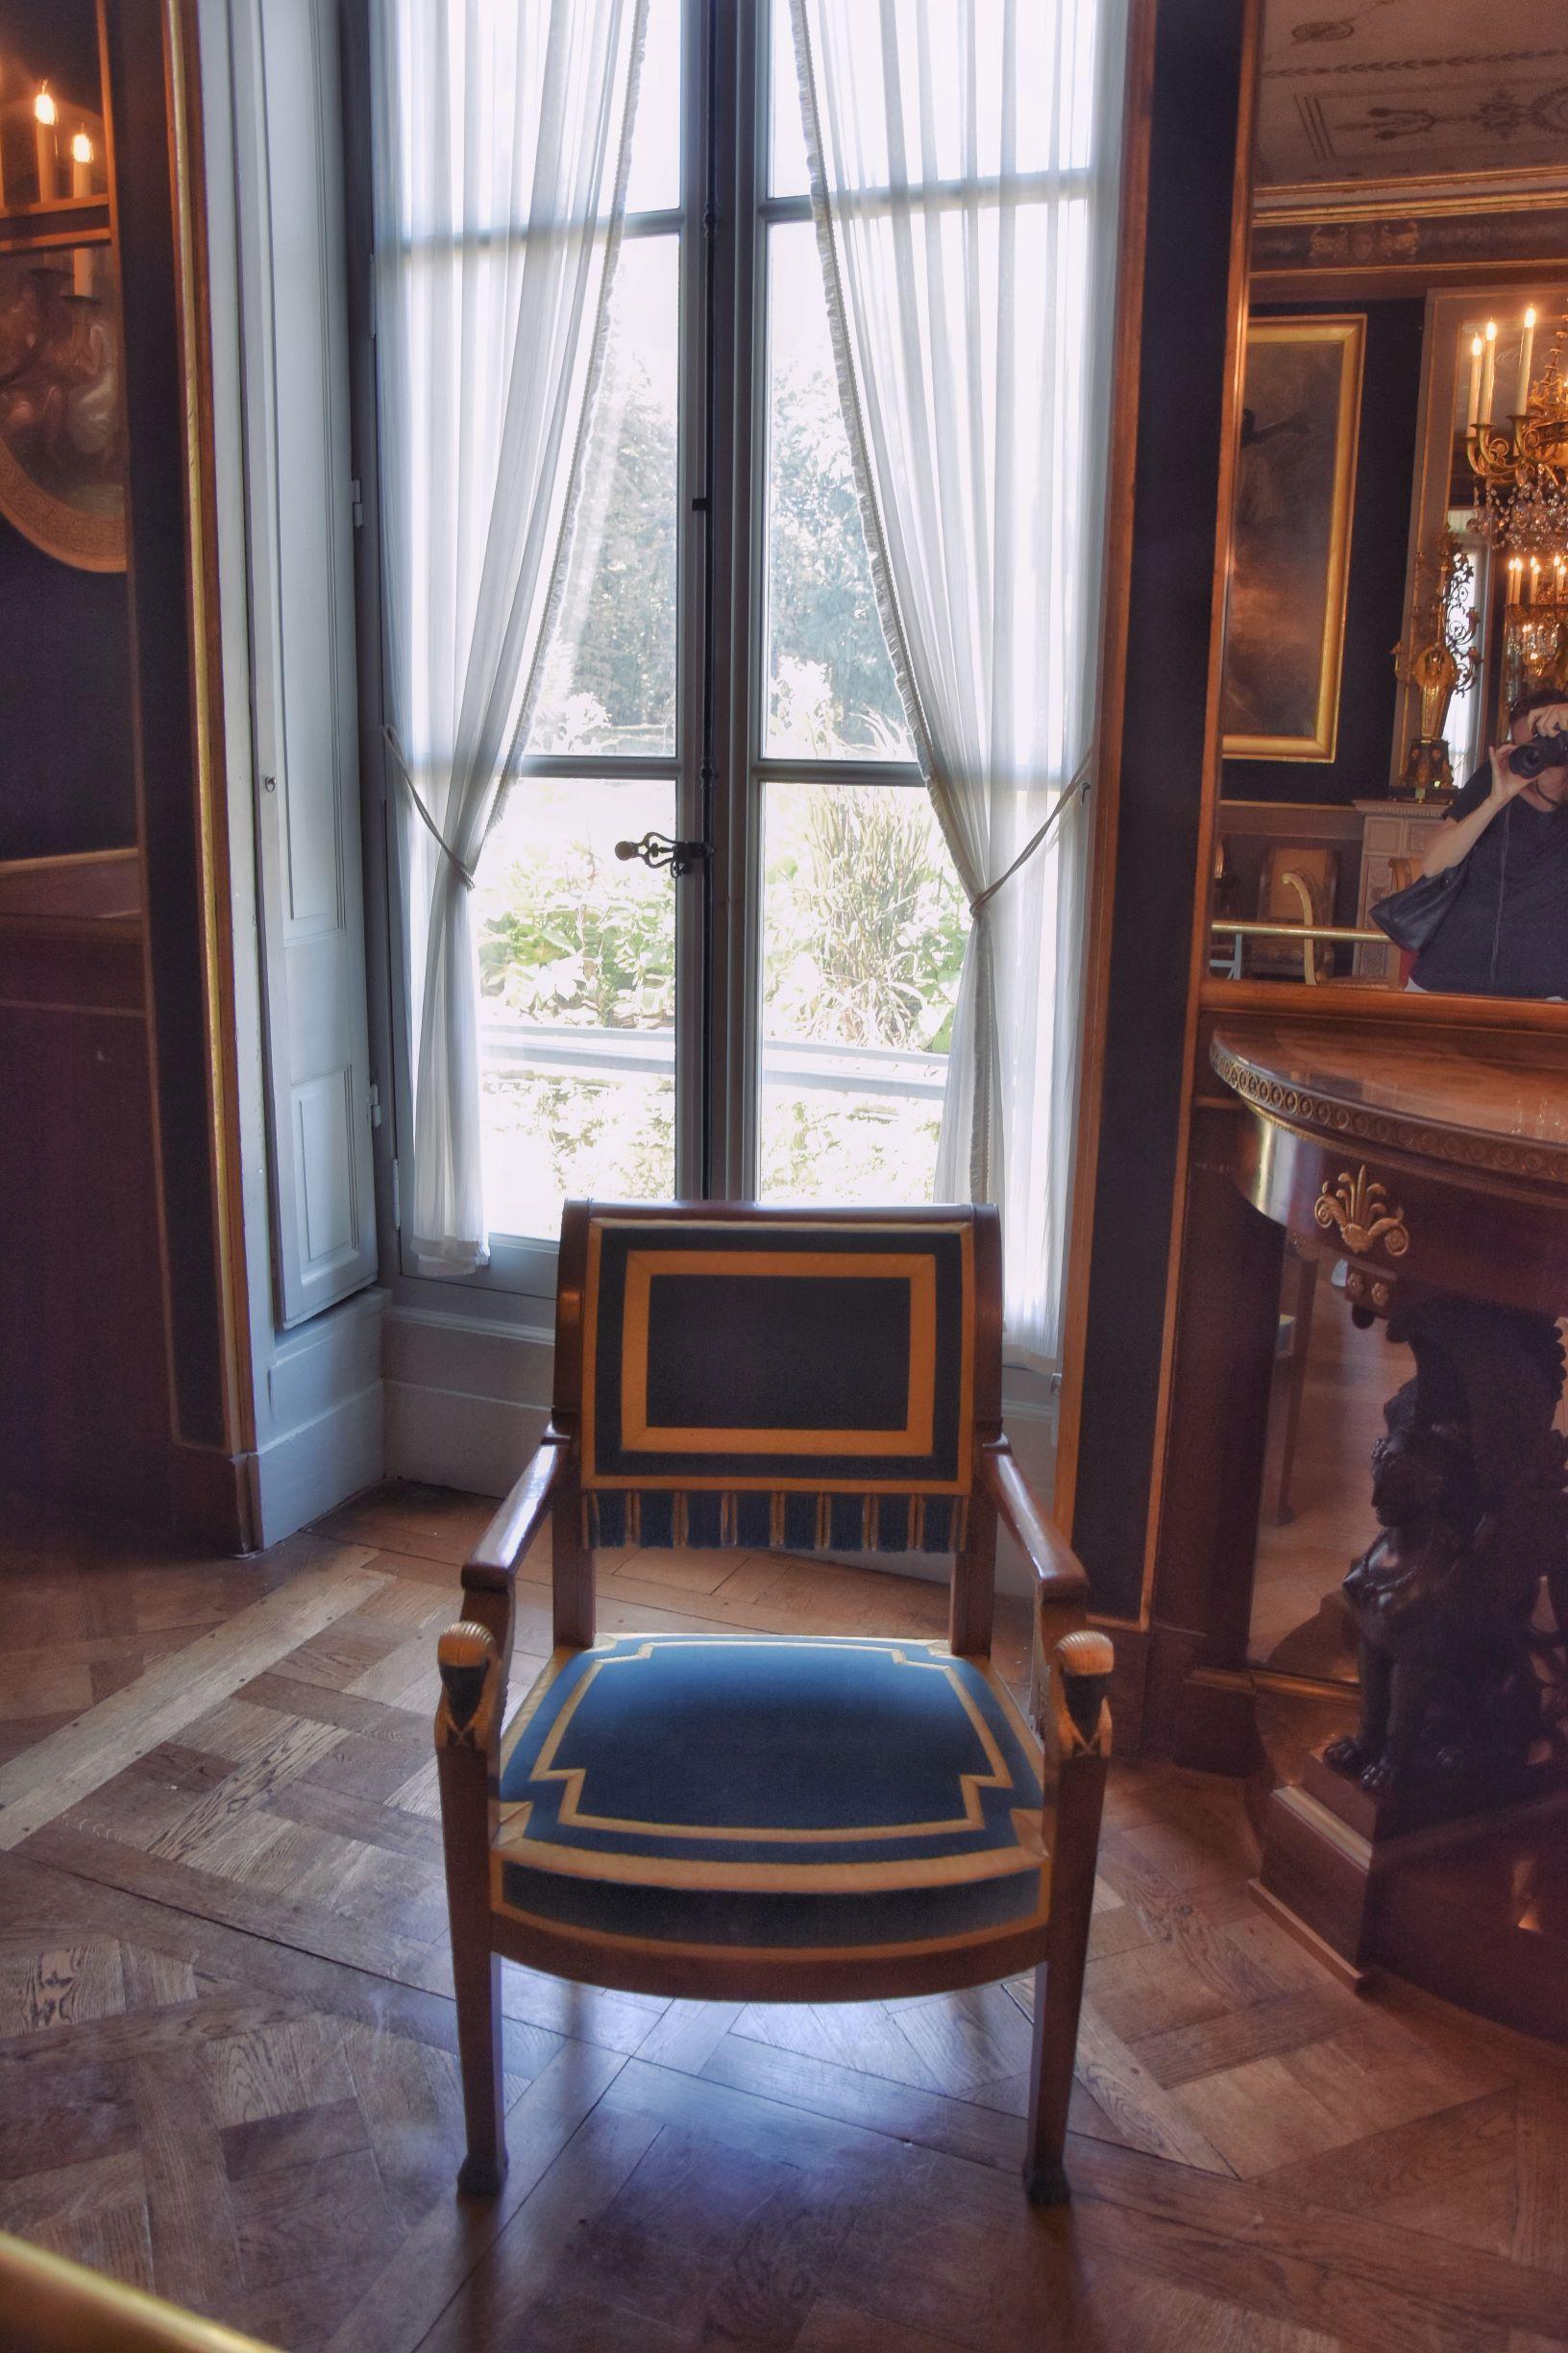 Interni dello château de Malmaison